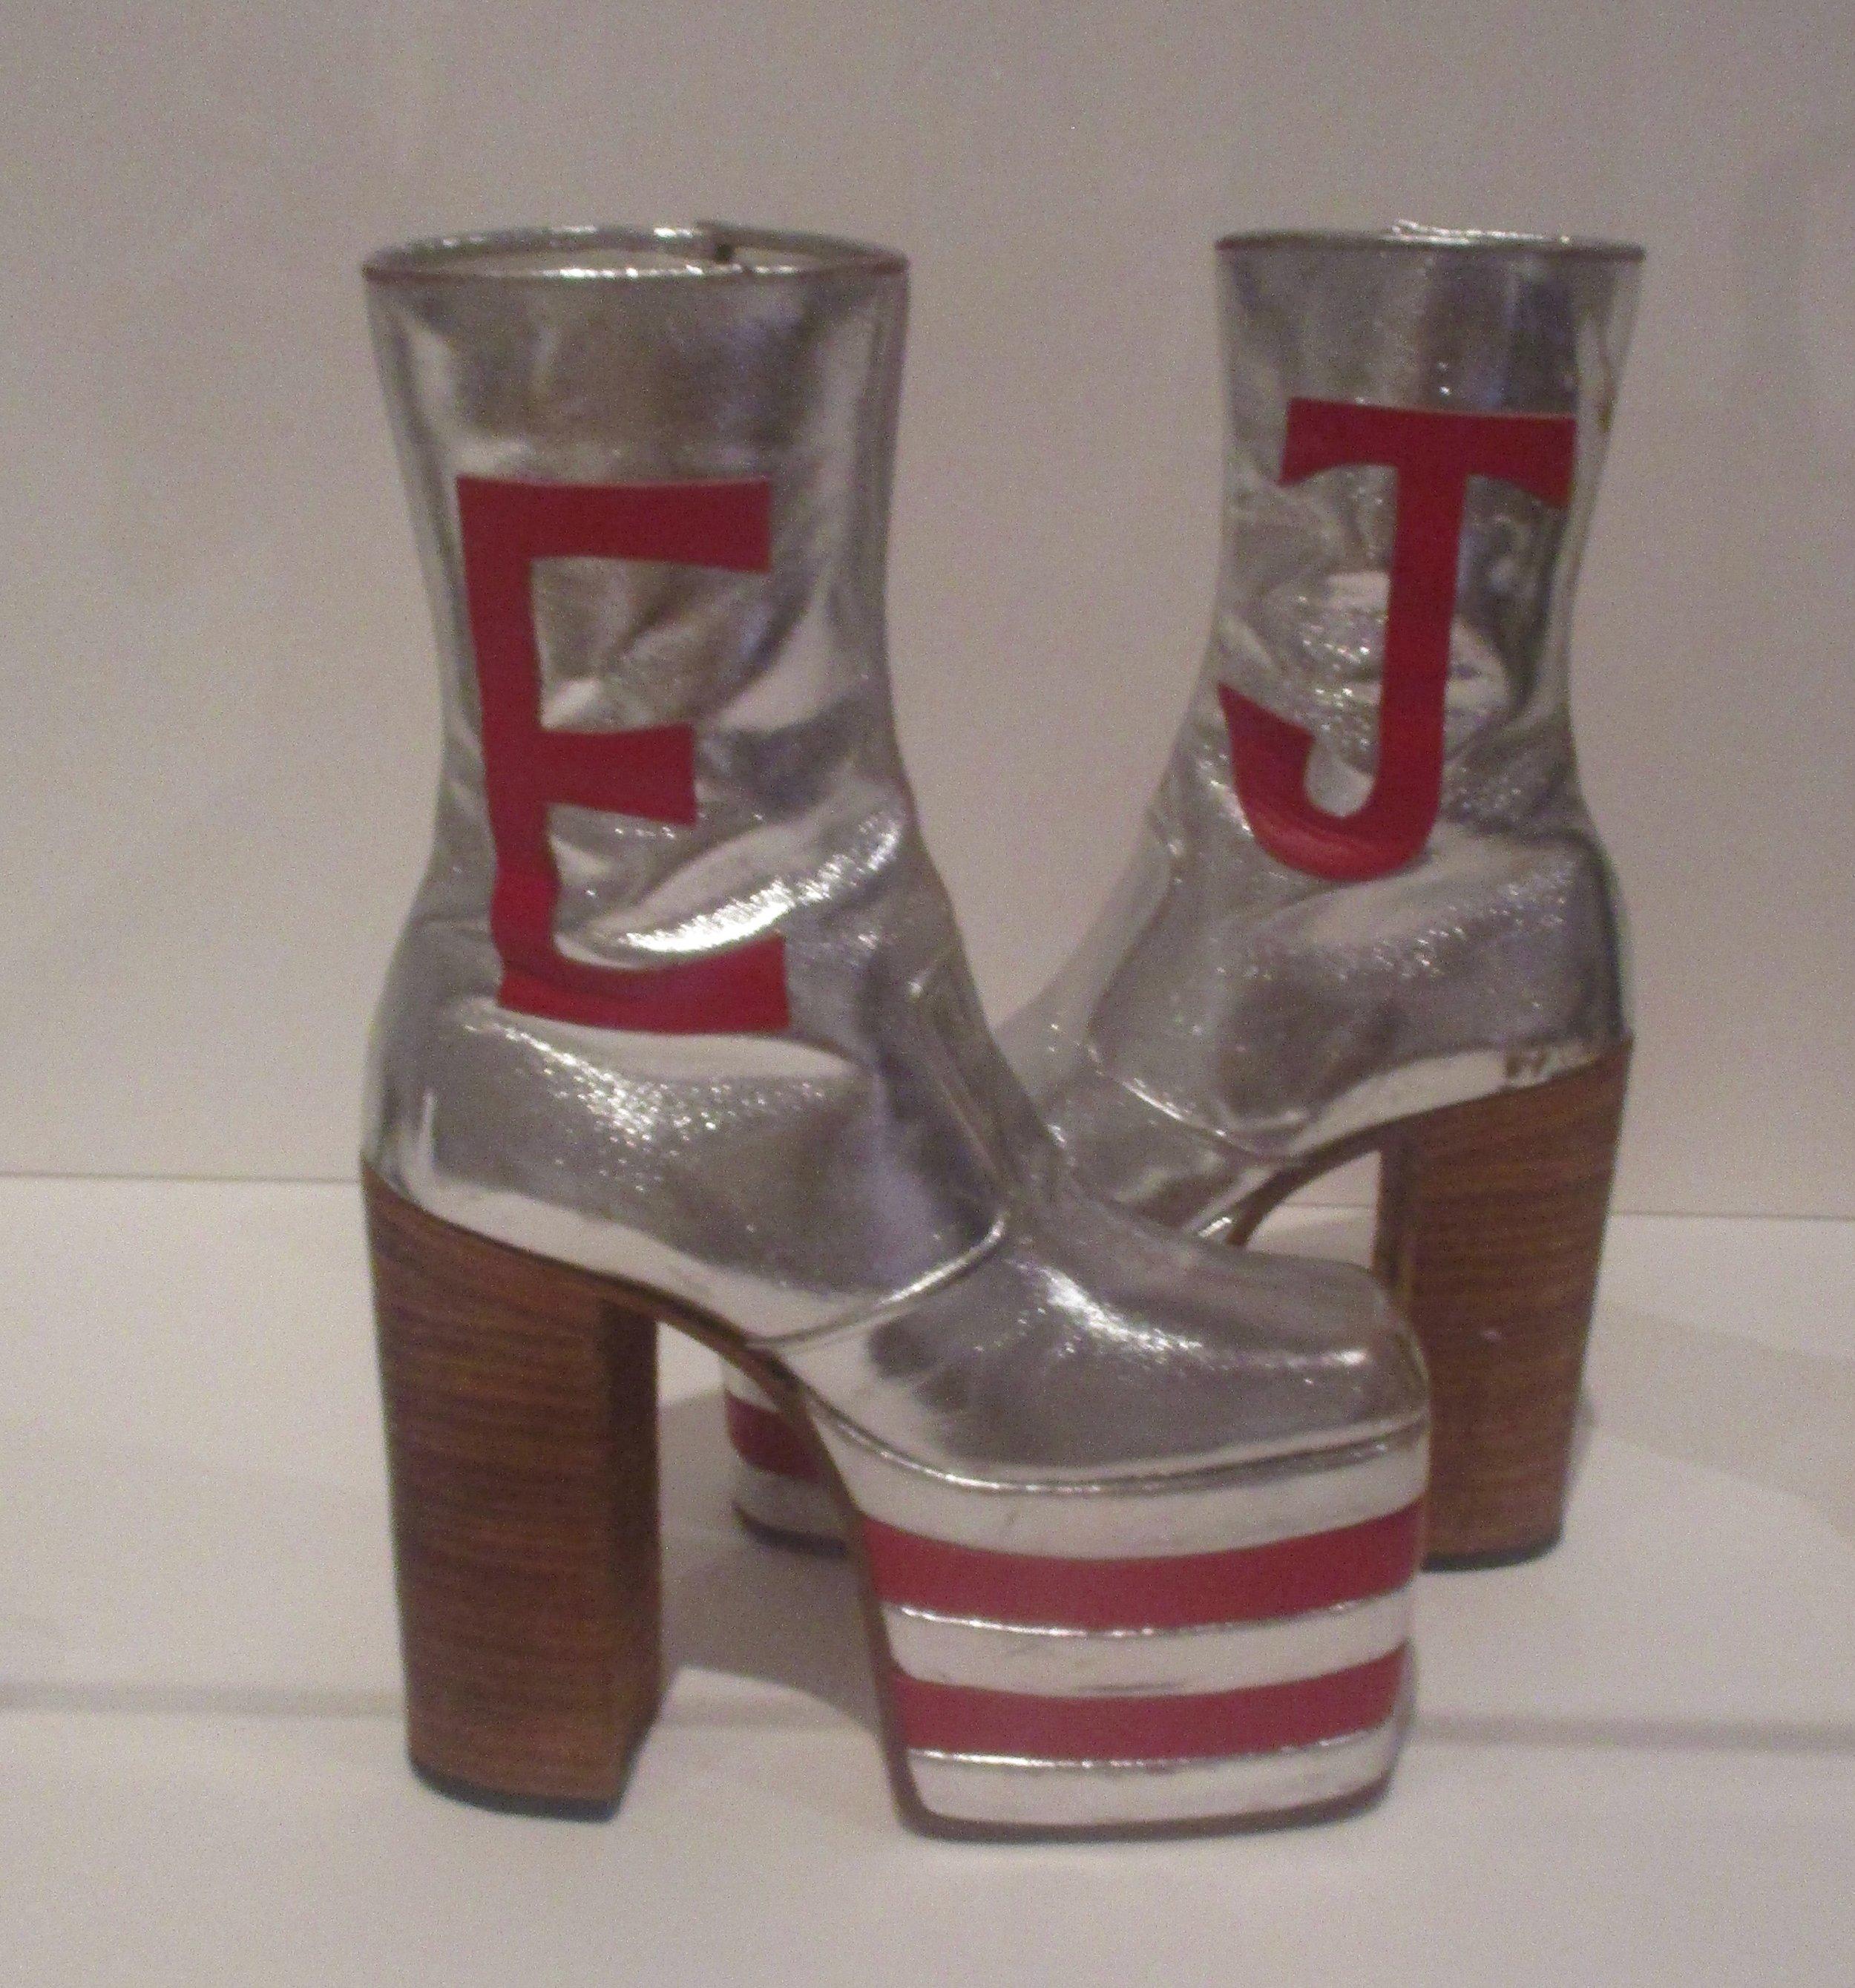 Elton John's platform shoes.